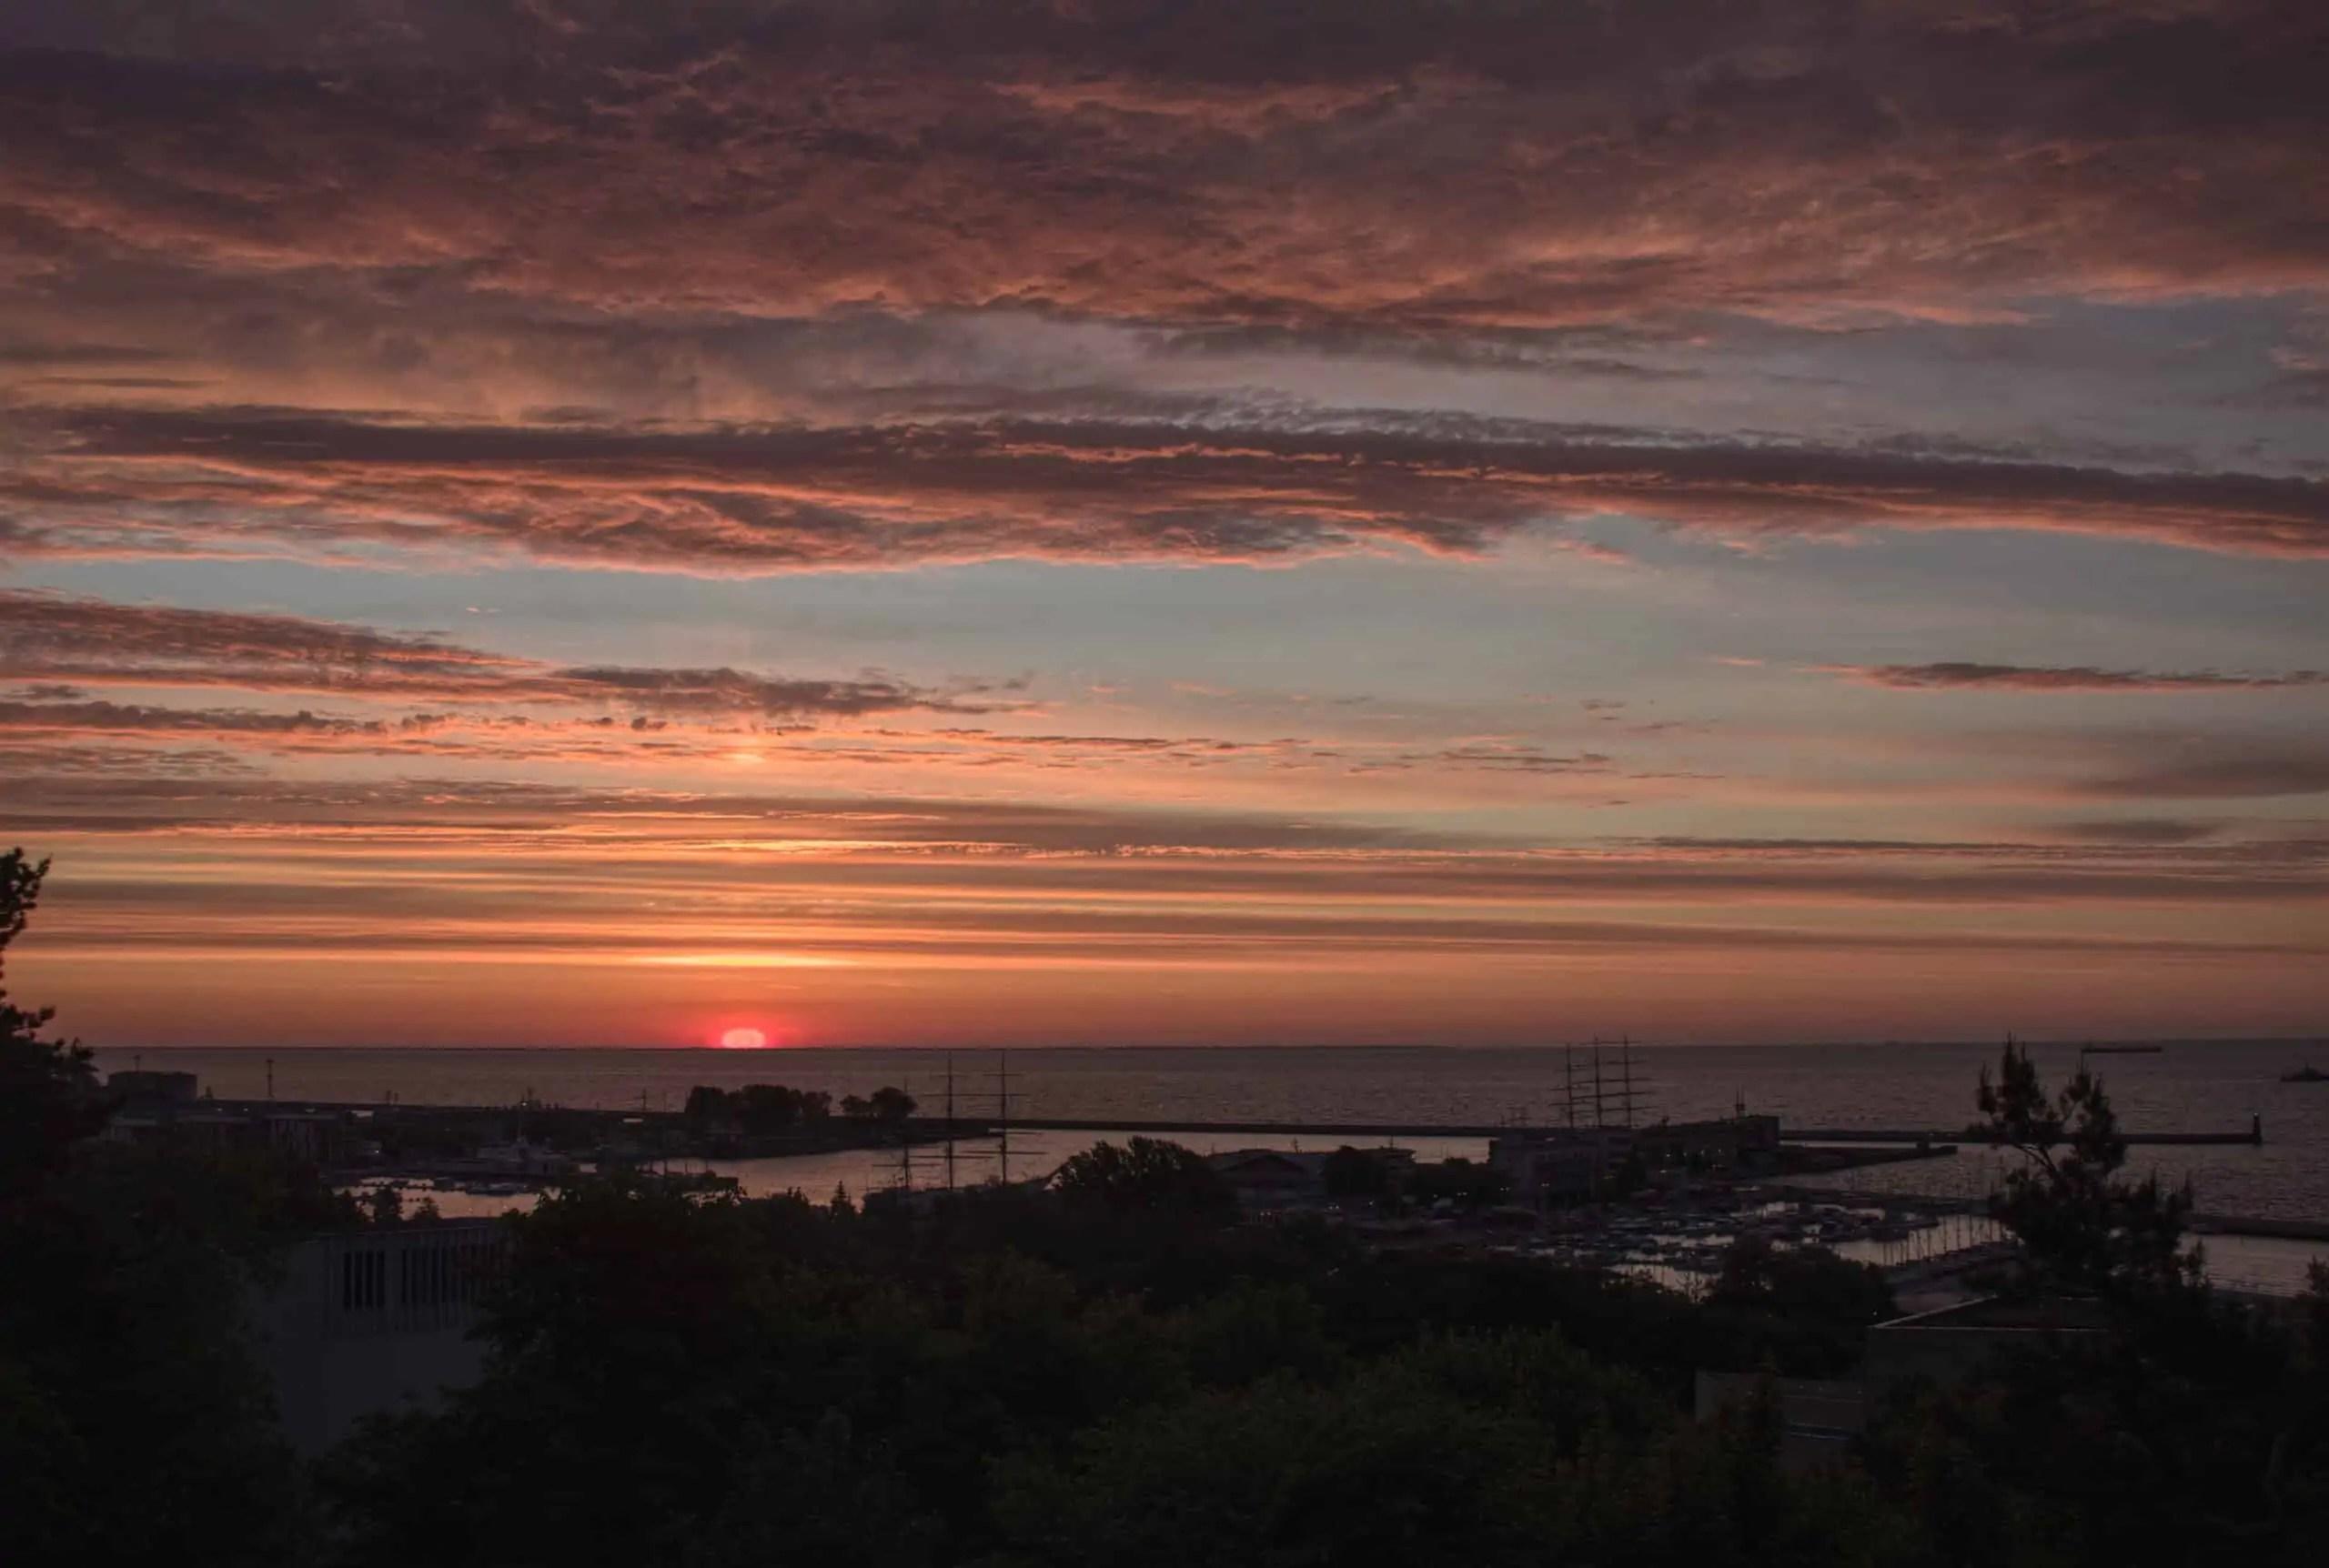 Gdynia Kamienna Góra wschód słońca fotografia HDR scaled - Najlepszy prezent dla fotografa jest darmowy. Resztę kupisz do 100 pln